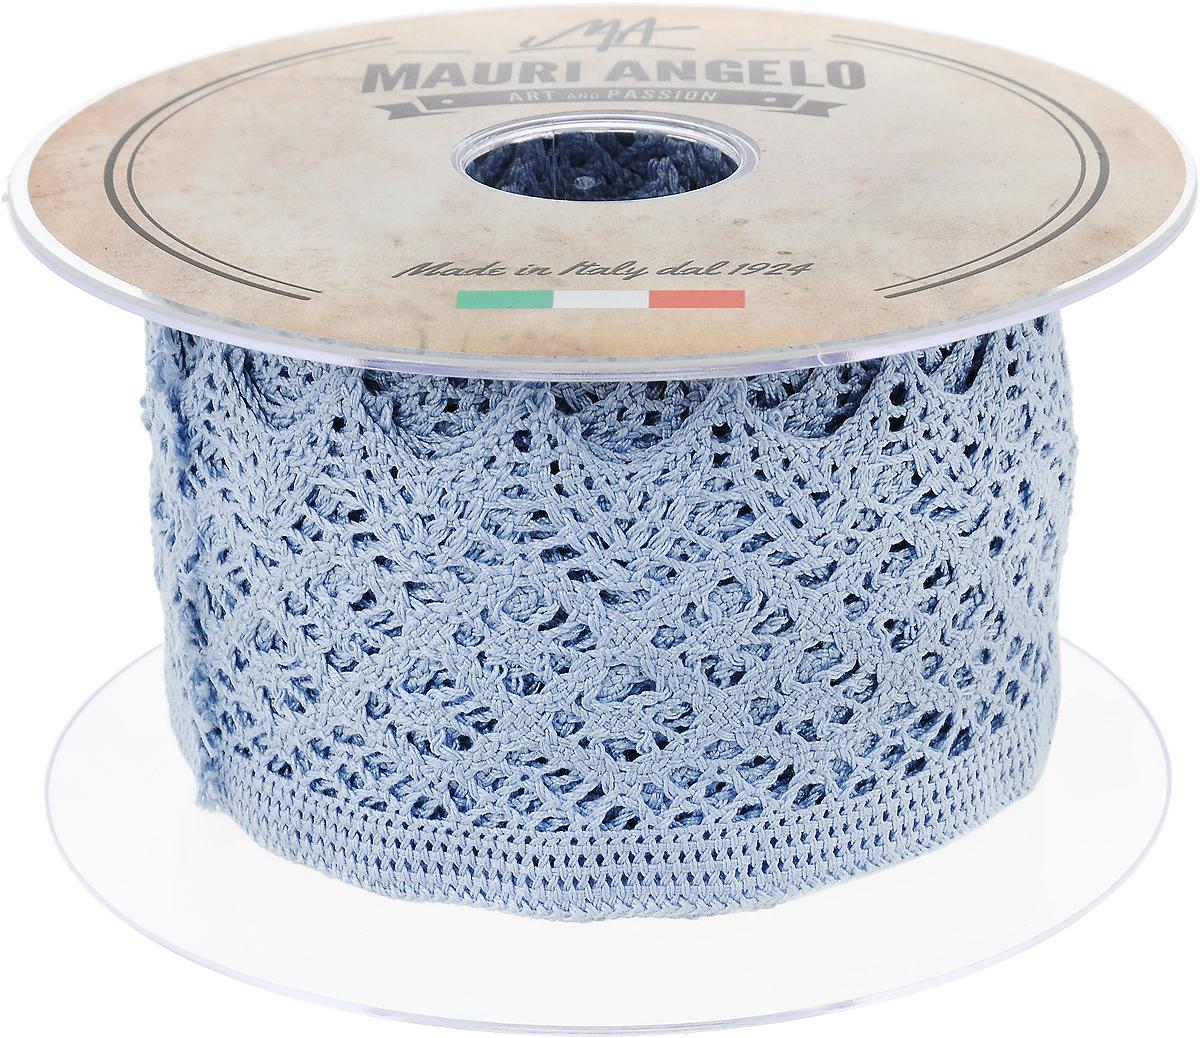 Лента кружевная Mauri Angelo, цвет: голубой, 5,9 см х 10 м97775318Декоративная кружевная лента Mauri Angelo - текстильное изделие без тканой основы, в котором ажурный орнамент и изображения образуются в результате переплетения нитей. Кружево применяется для отделки одежды, белья в виде окаймления или вставок, а также в оформлении интерьера, декоративных панно, скатертей, тюлей, покрывал. Главные особенности кружева - воздушность, тонкость, эластичность, узорность.Декоративная кружевная лента Mauri Angelo станет незаменимым элементом в создании рукотворного шедевра. Ширина: 5,9 см.Длина: 10 м.